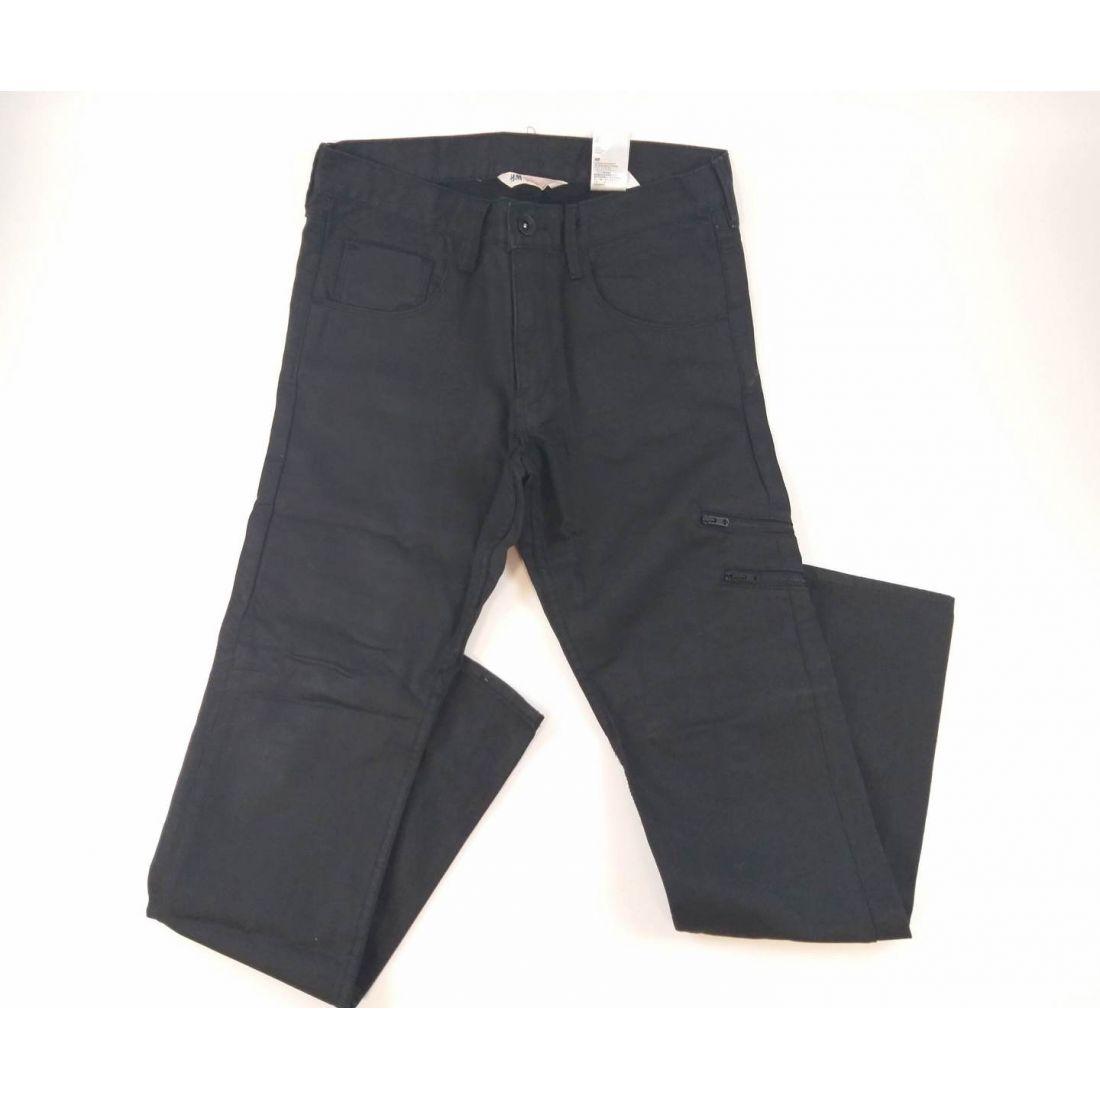 Chlapčenské oblečenienohaviceH MREWORN 1be25259980